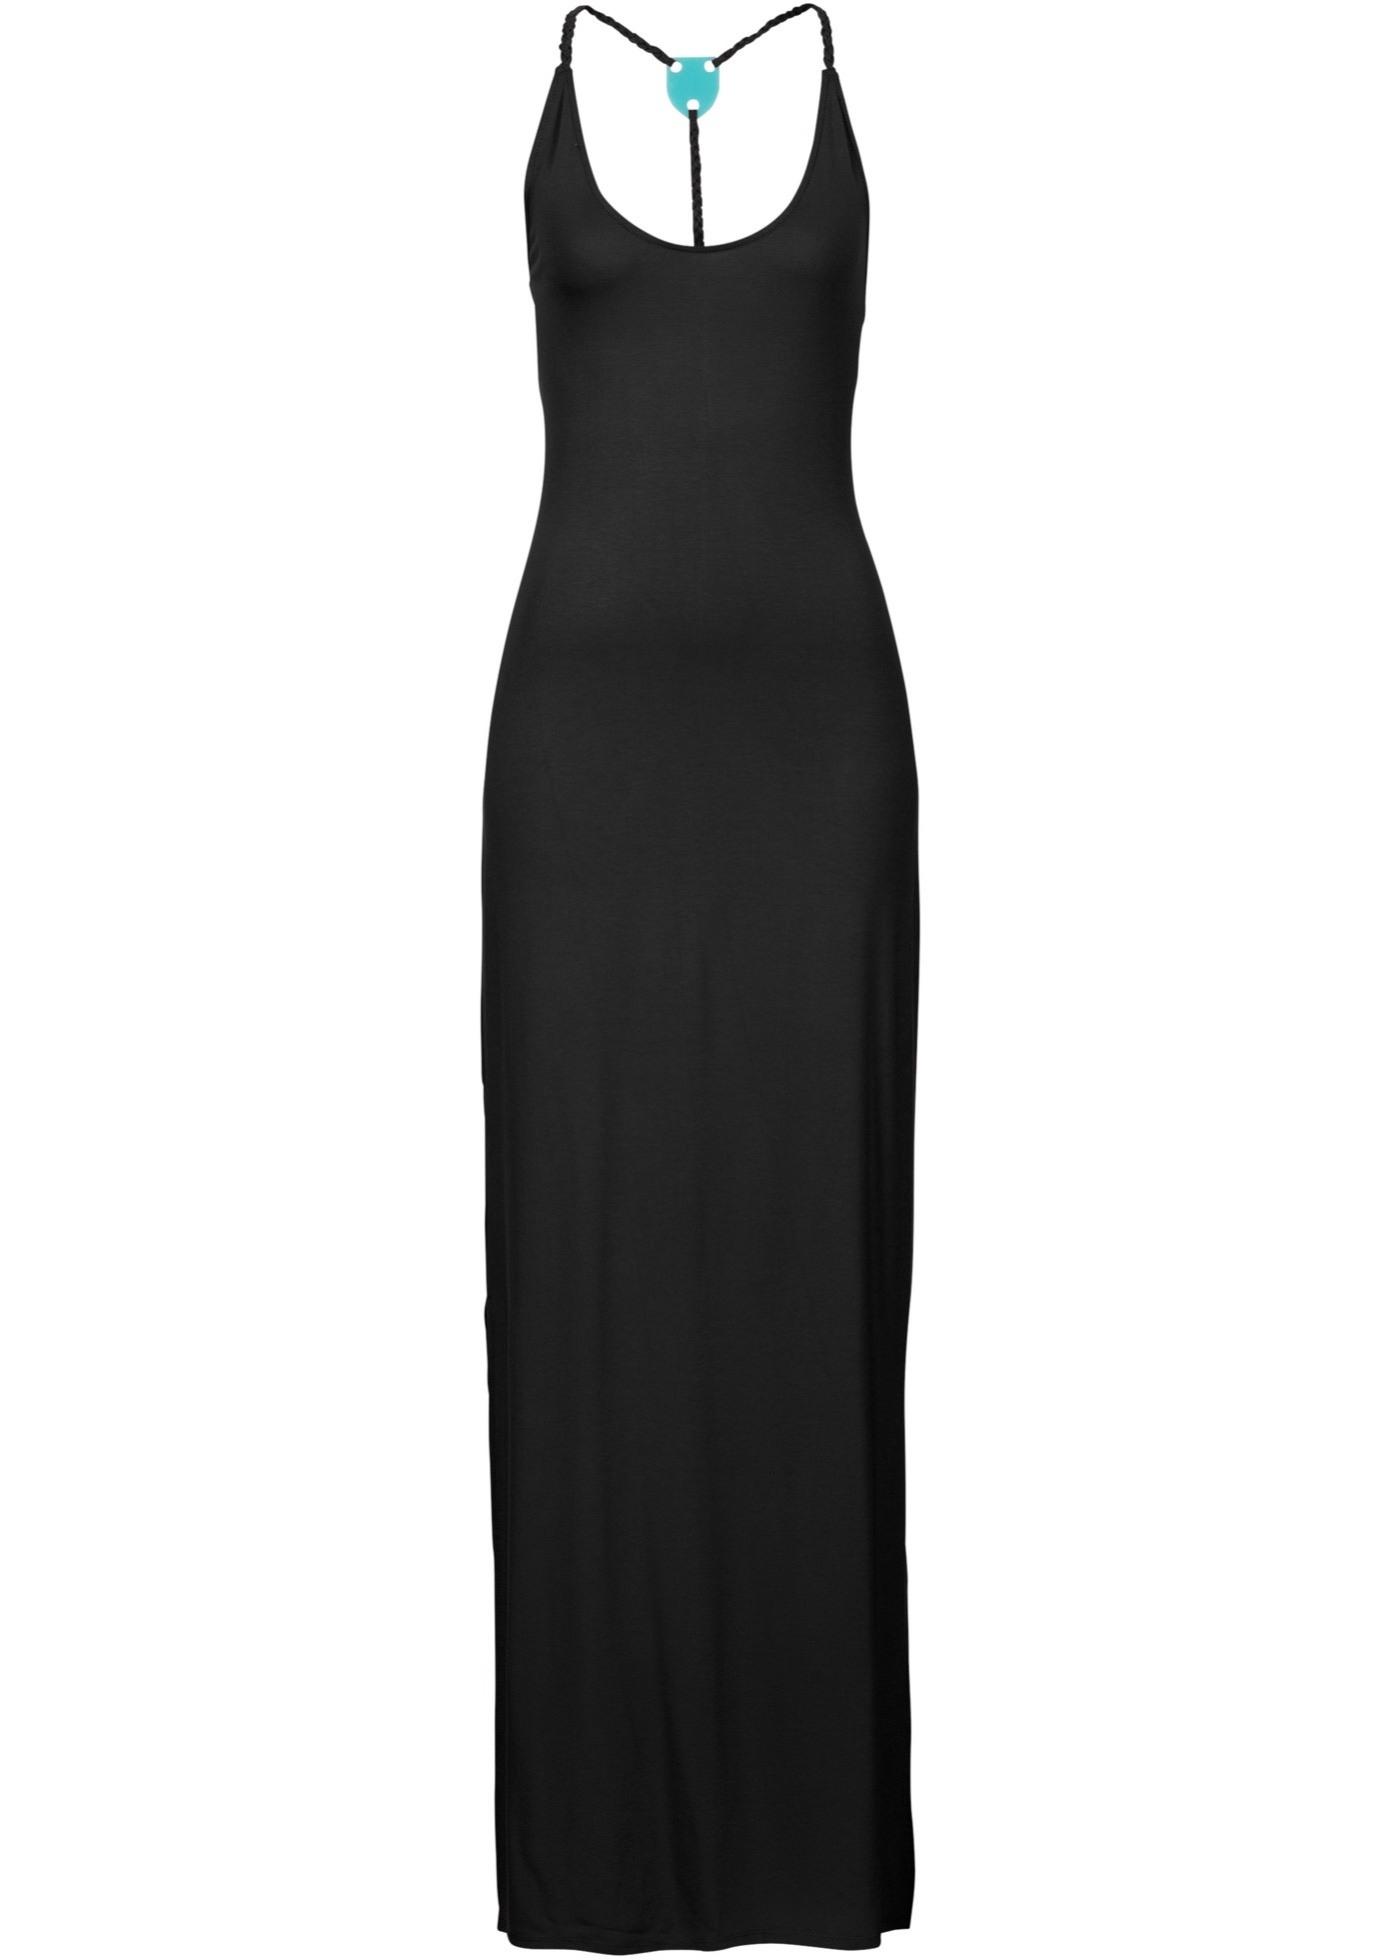 Designer Ausgezeichnet Abendkleid 40 Stylish13 Elegant Abendkleid 40 Boutique